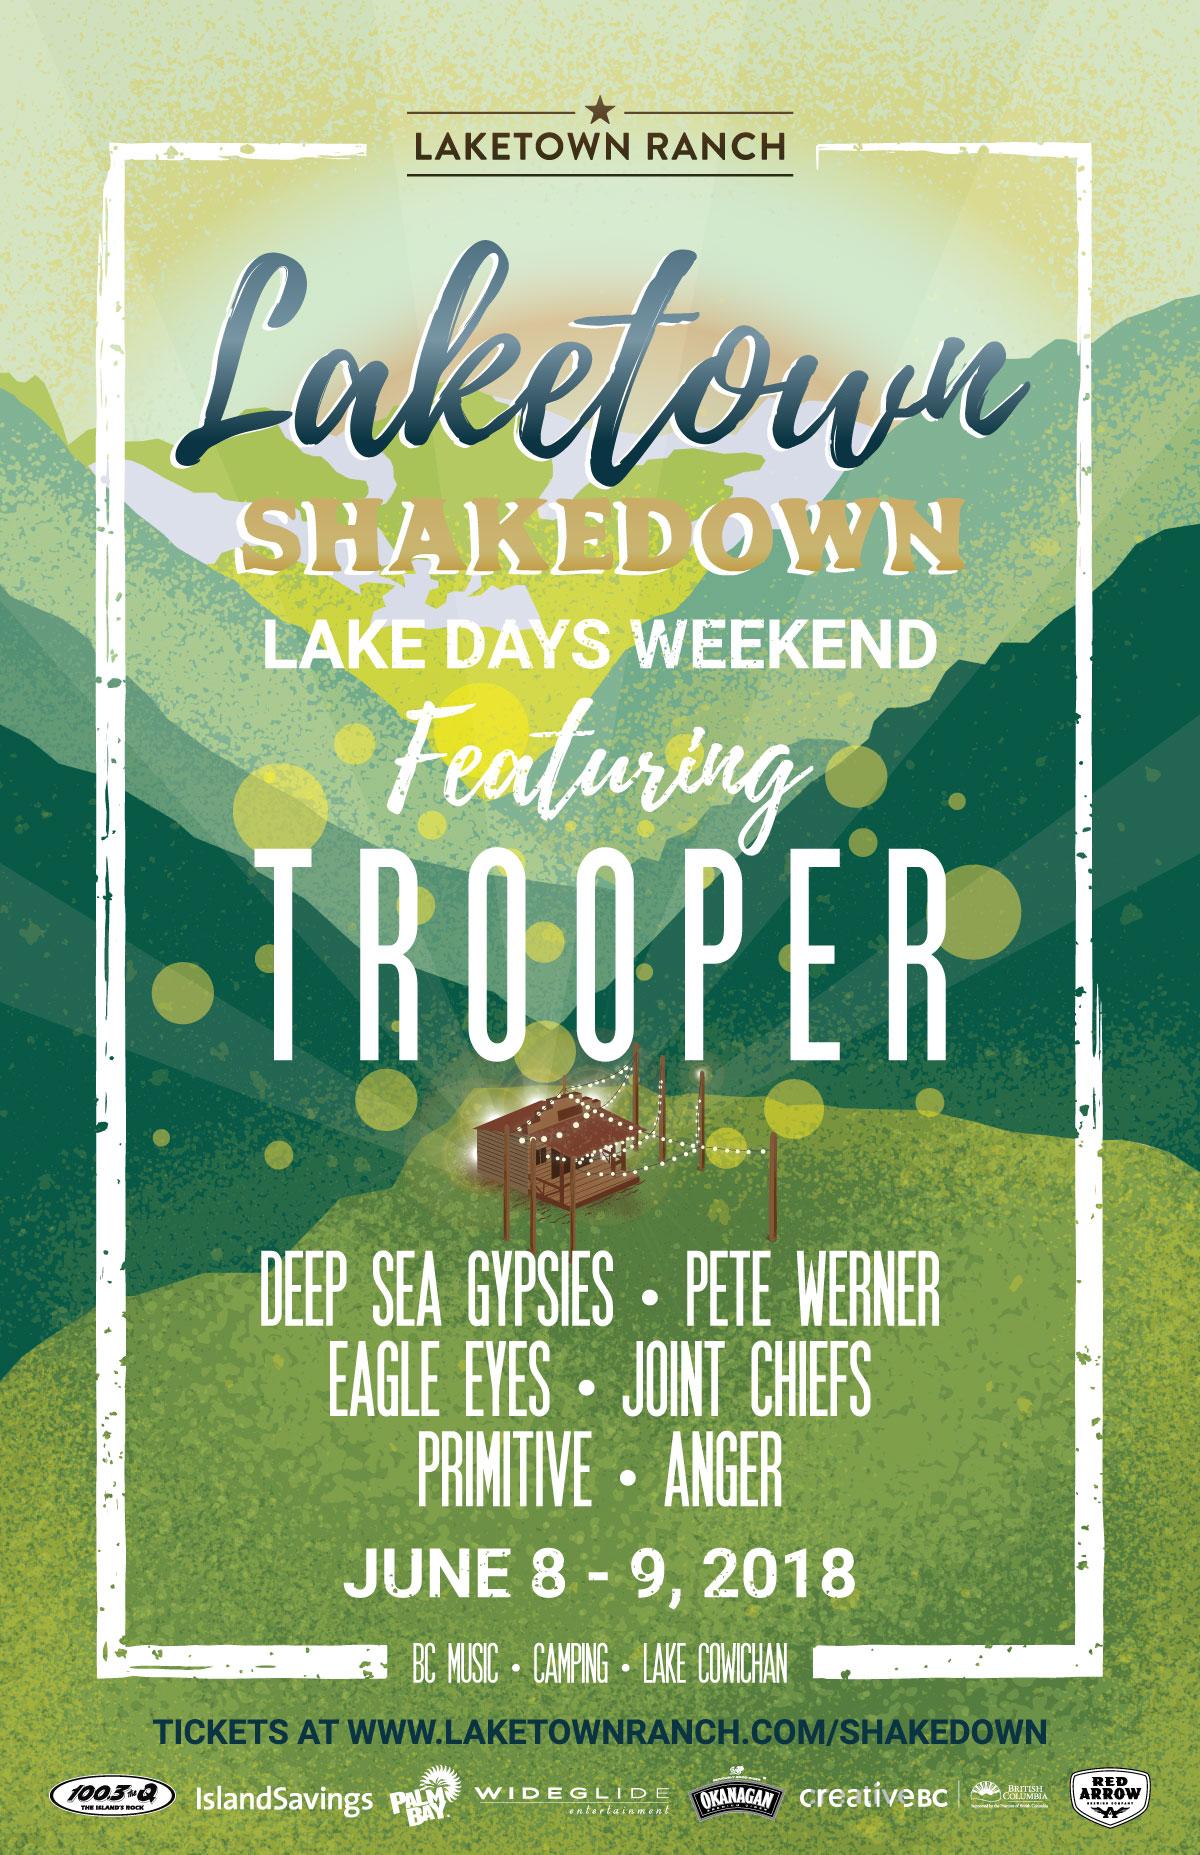 TROOPER-LAKEDOWN-SHAKEDOWN.jpg